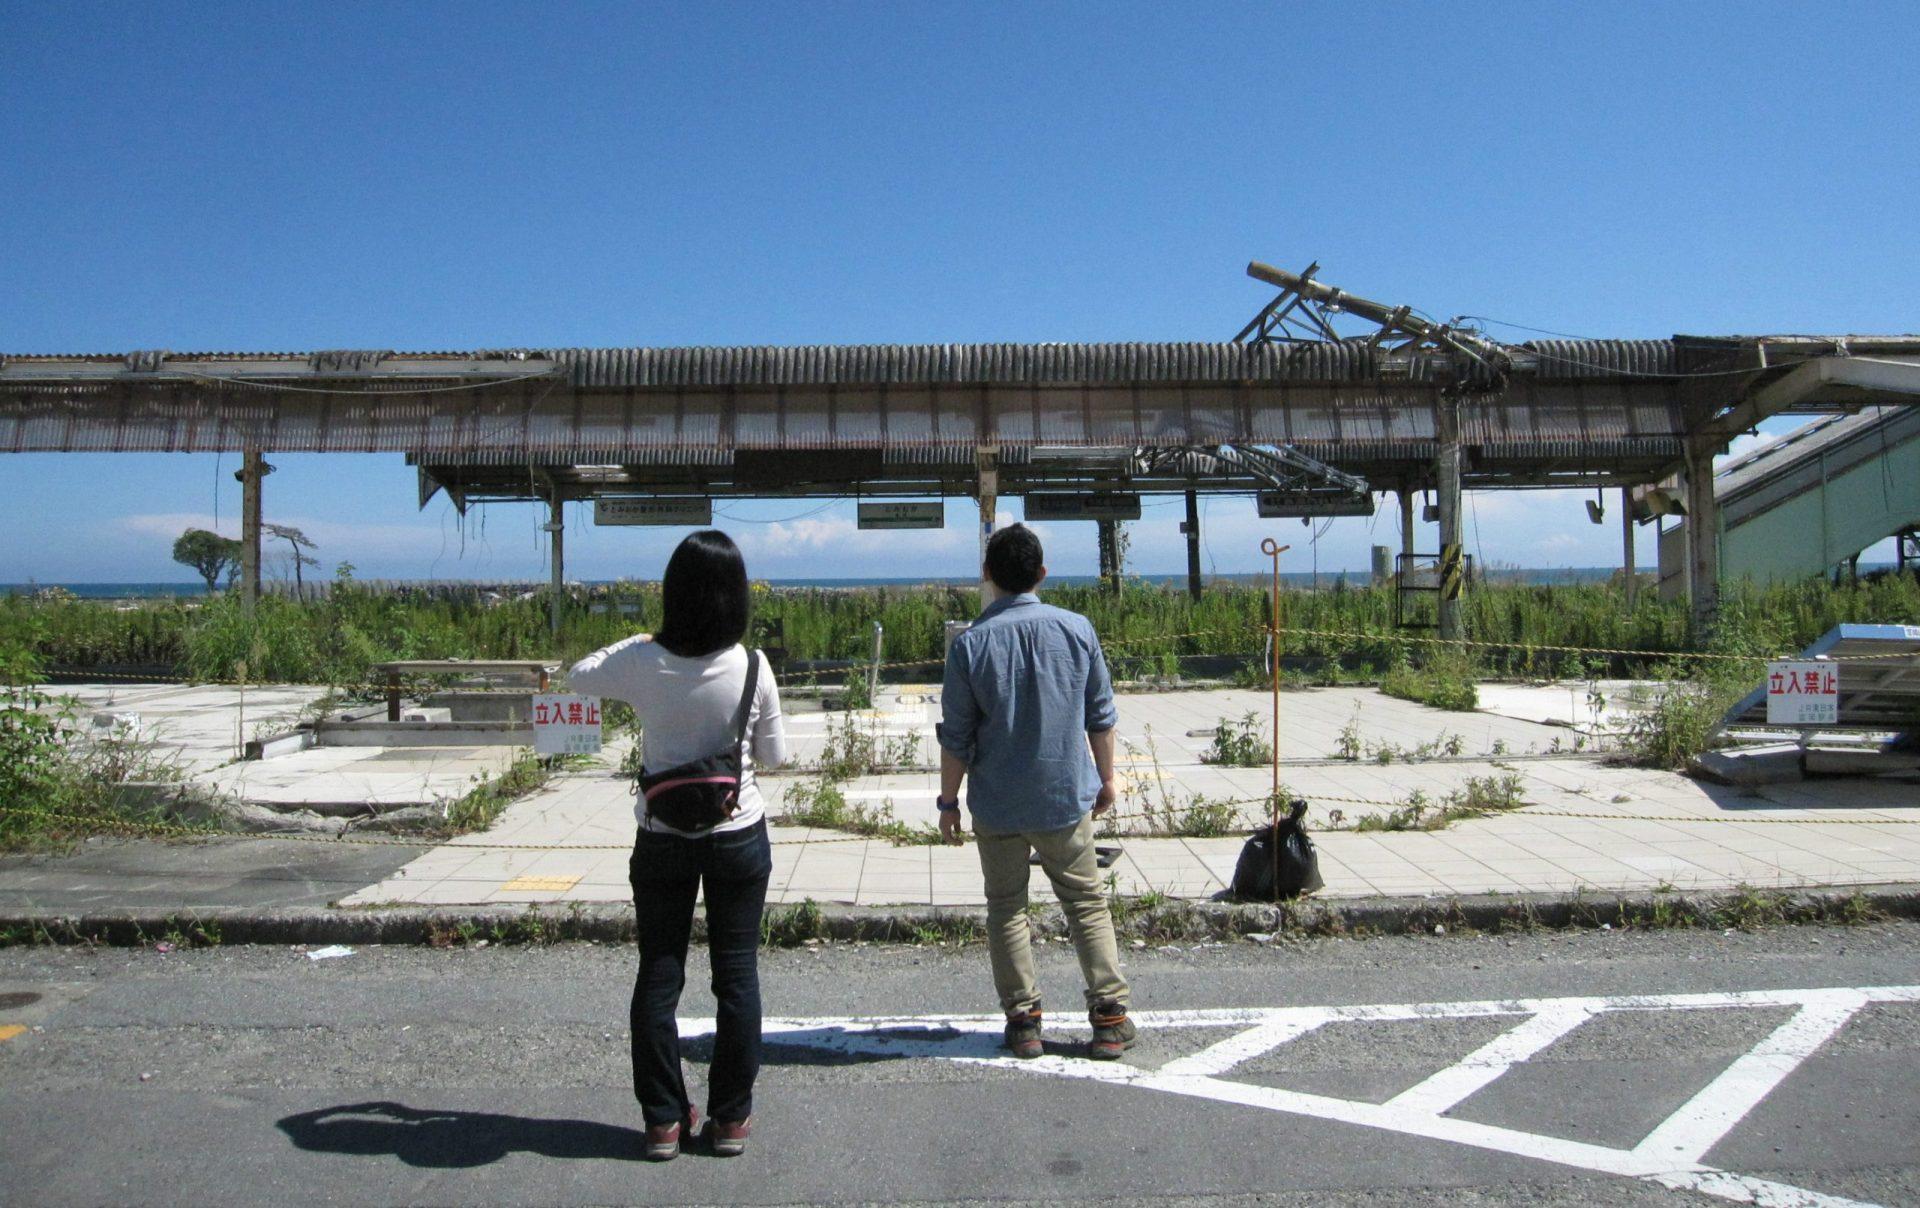 震災直後の状態のままとなっている福島県・JR富岡駅